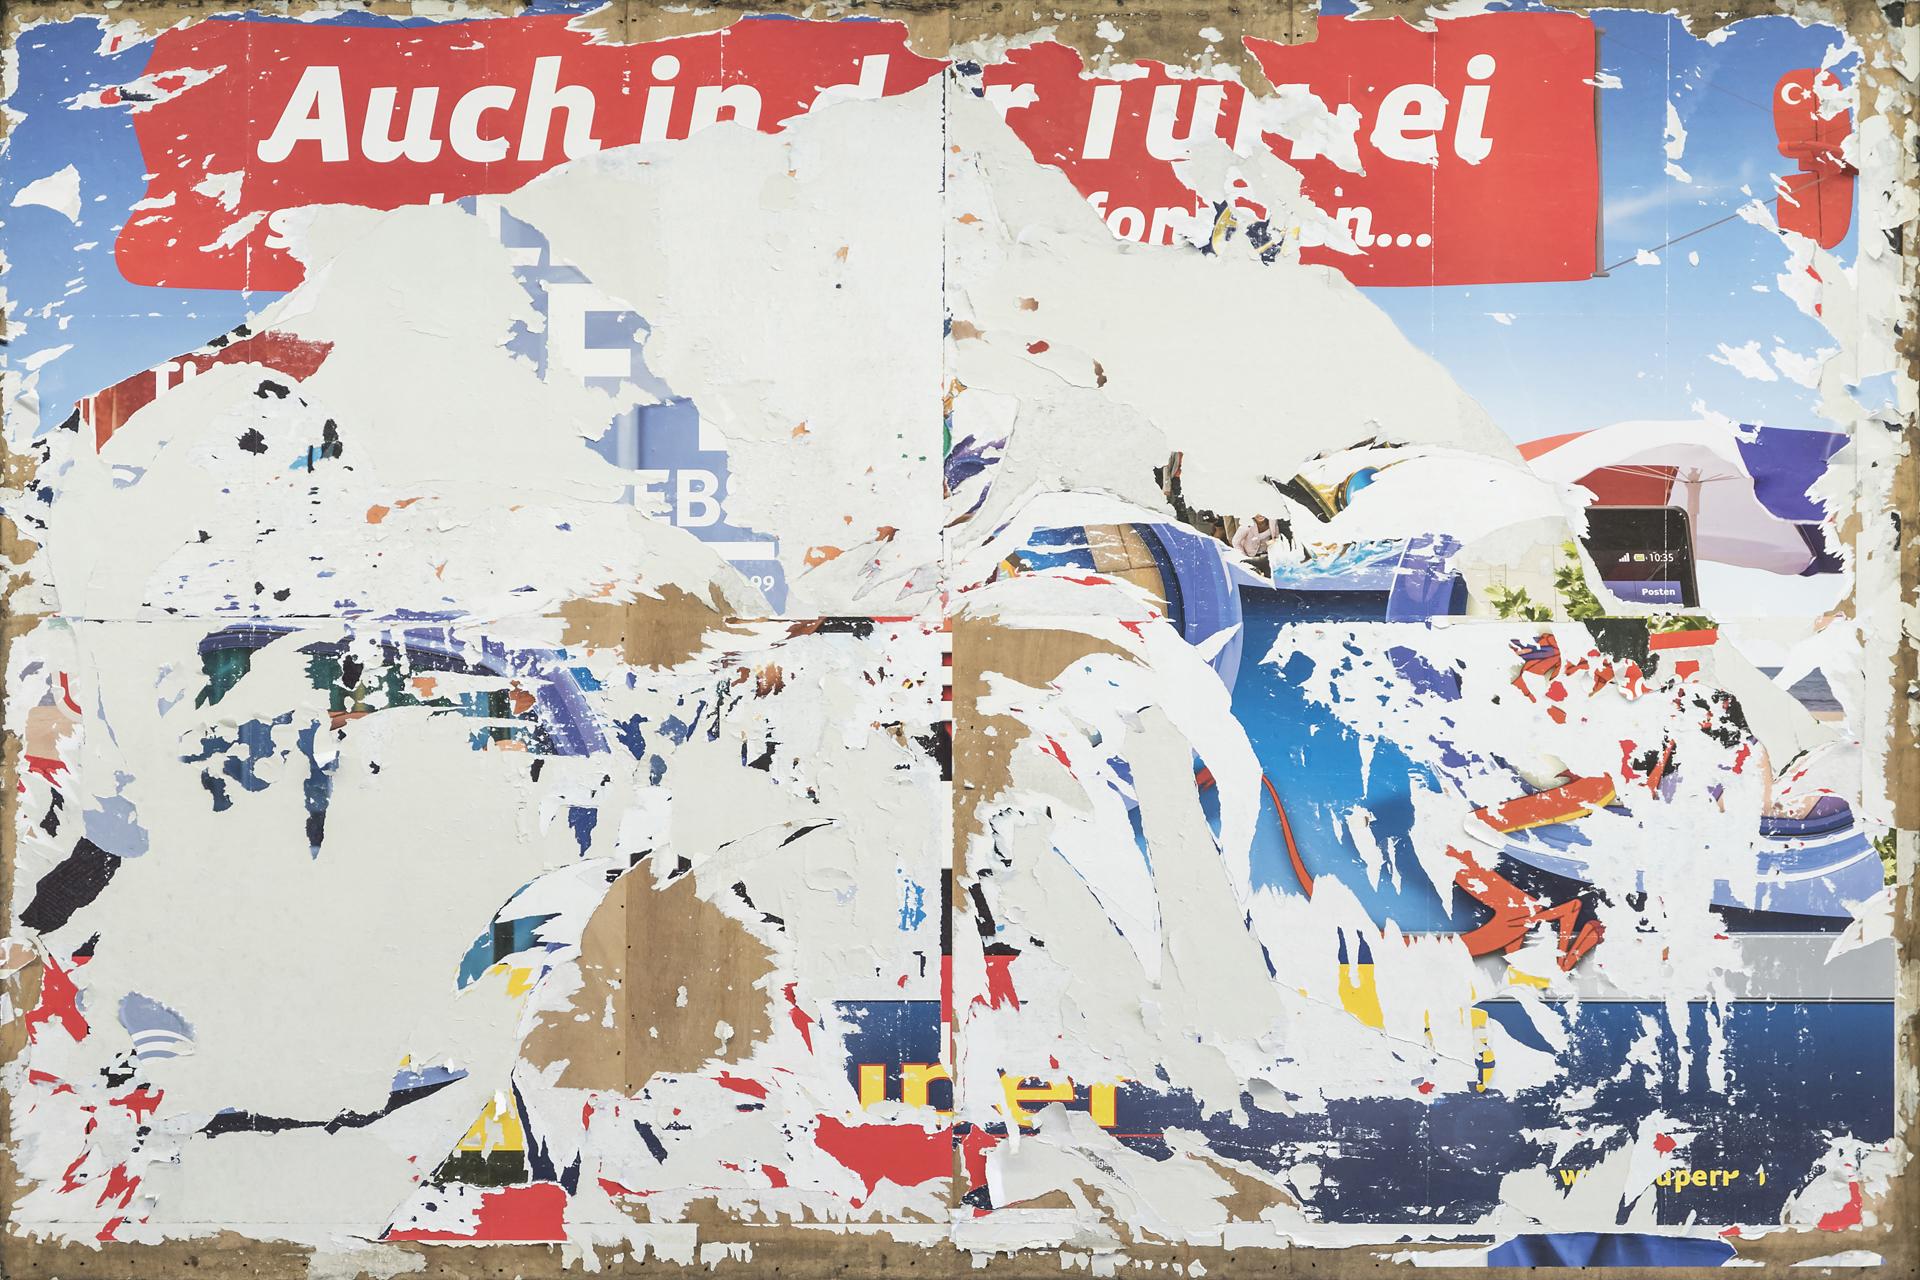 rückständig IX • Lambda-Print auf FUJIFILM Crystal Archive DPII, 60 x 40 cm, rahmenloser Bilderhalter • Auflage: 5 + 2 Artist's Proof